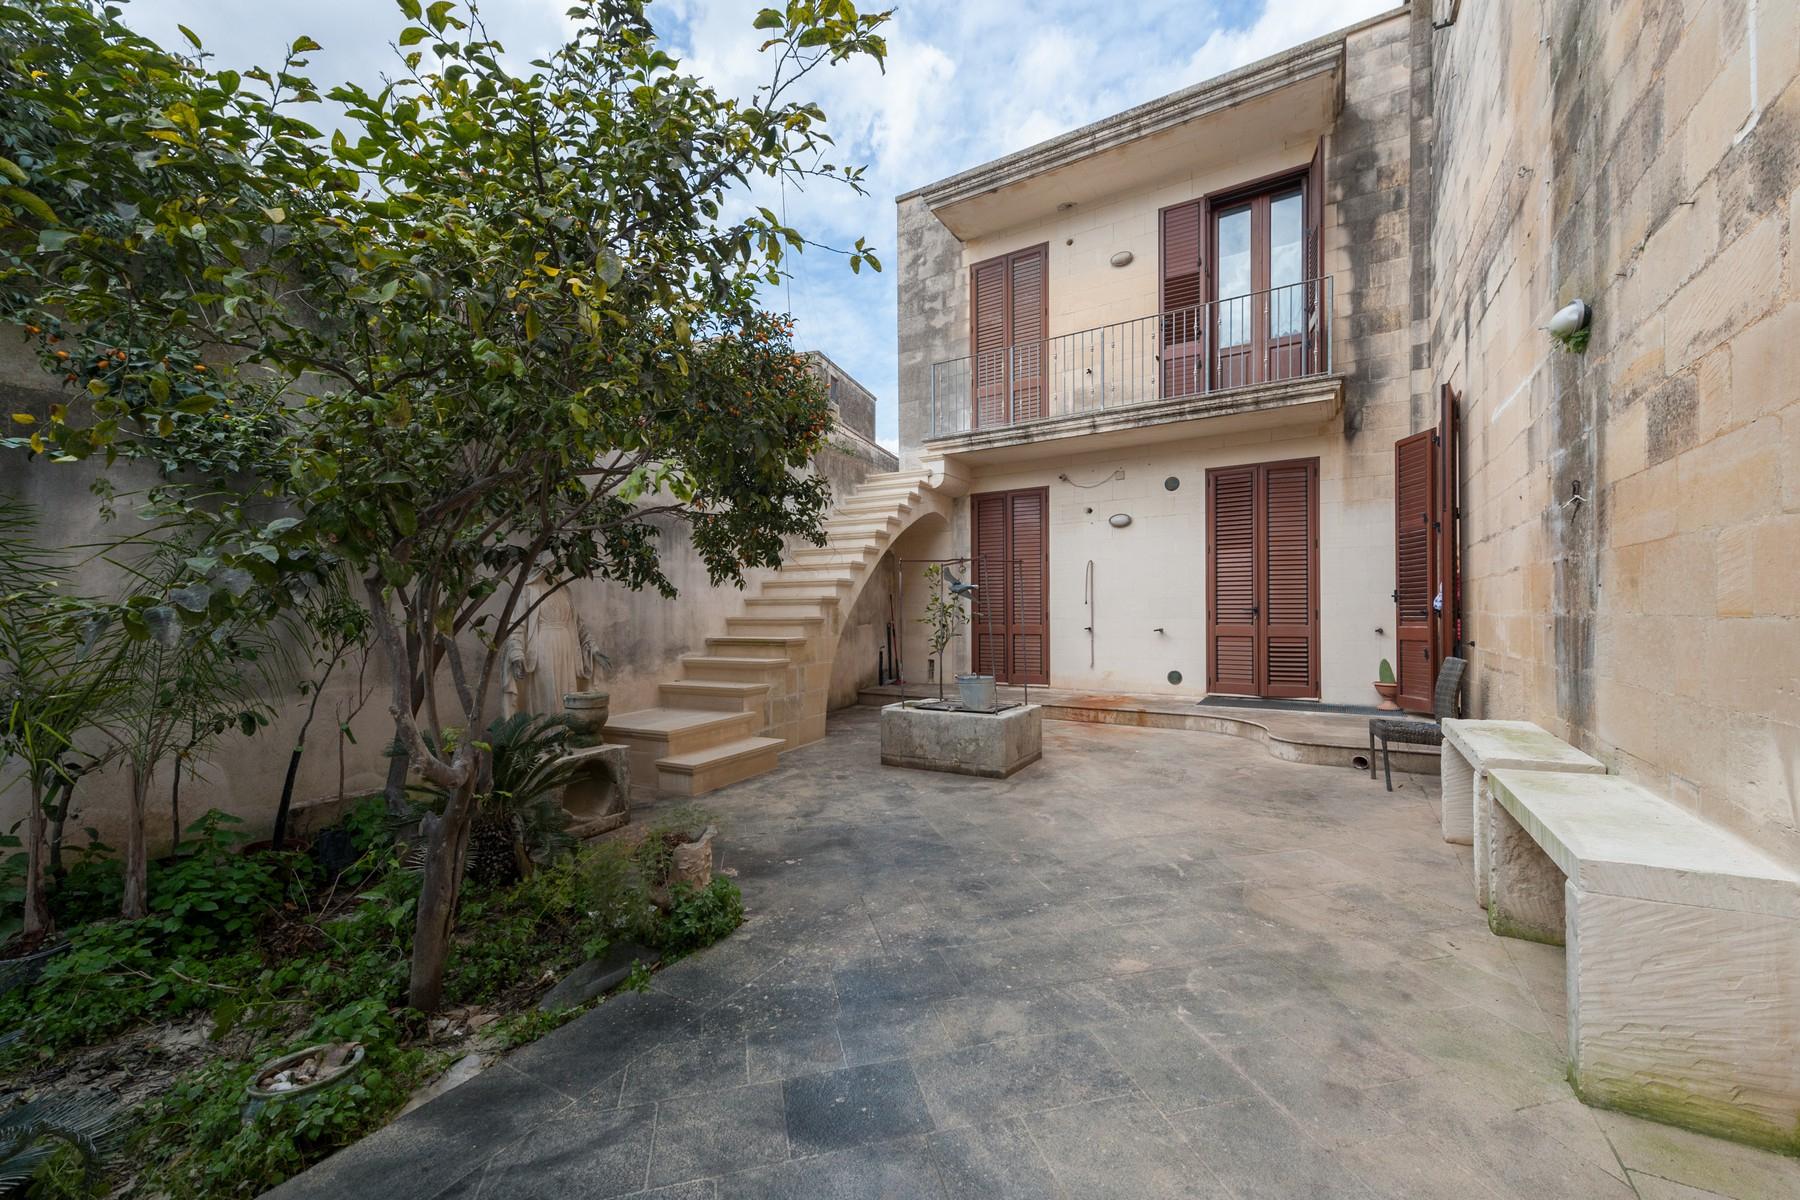 Palazzo in Vendita a Martano: 5 locali, 800 mq - Foto 30